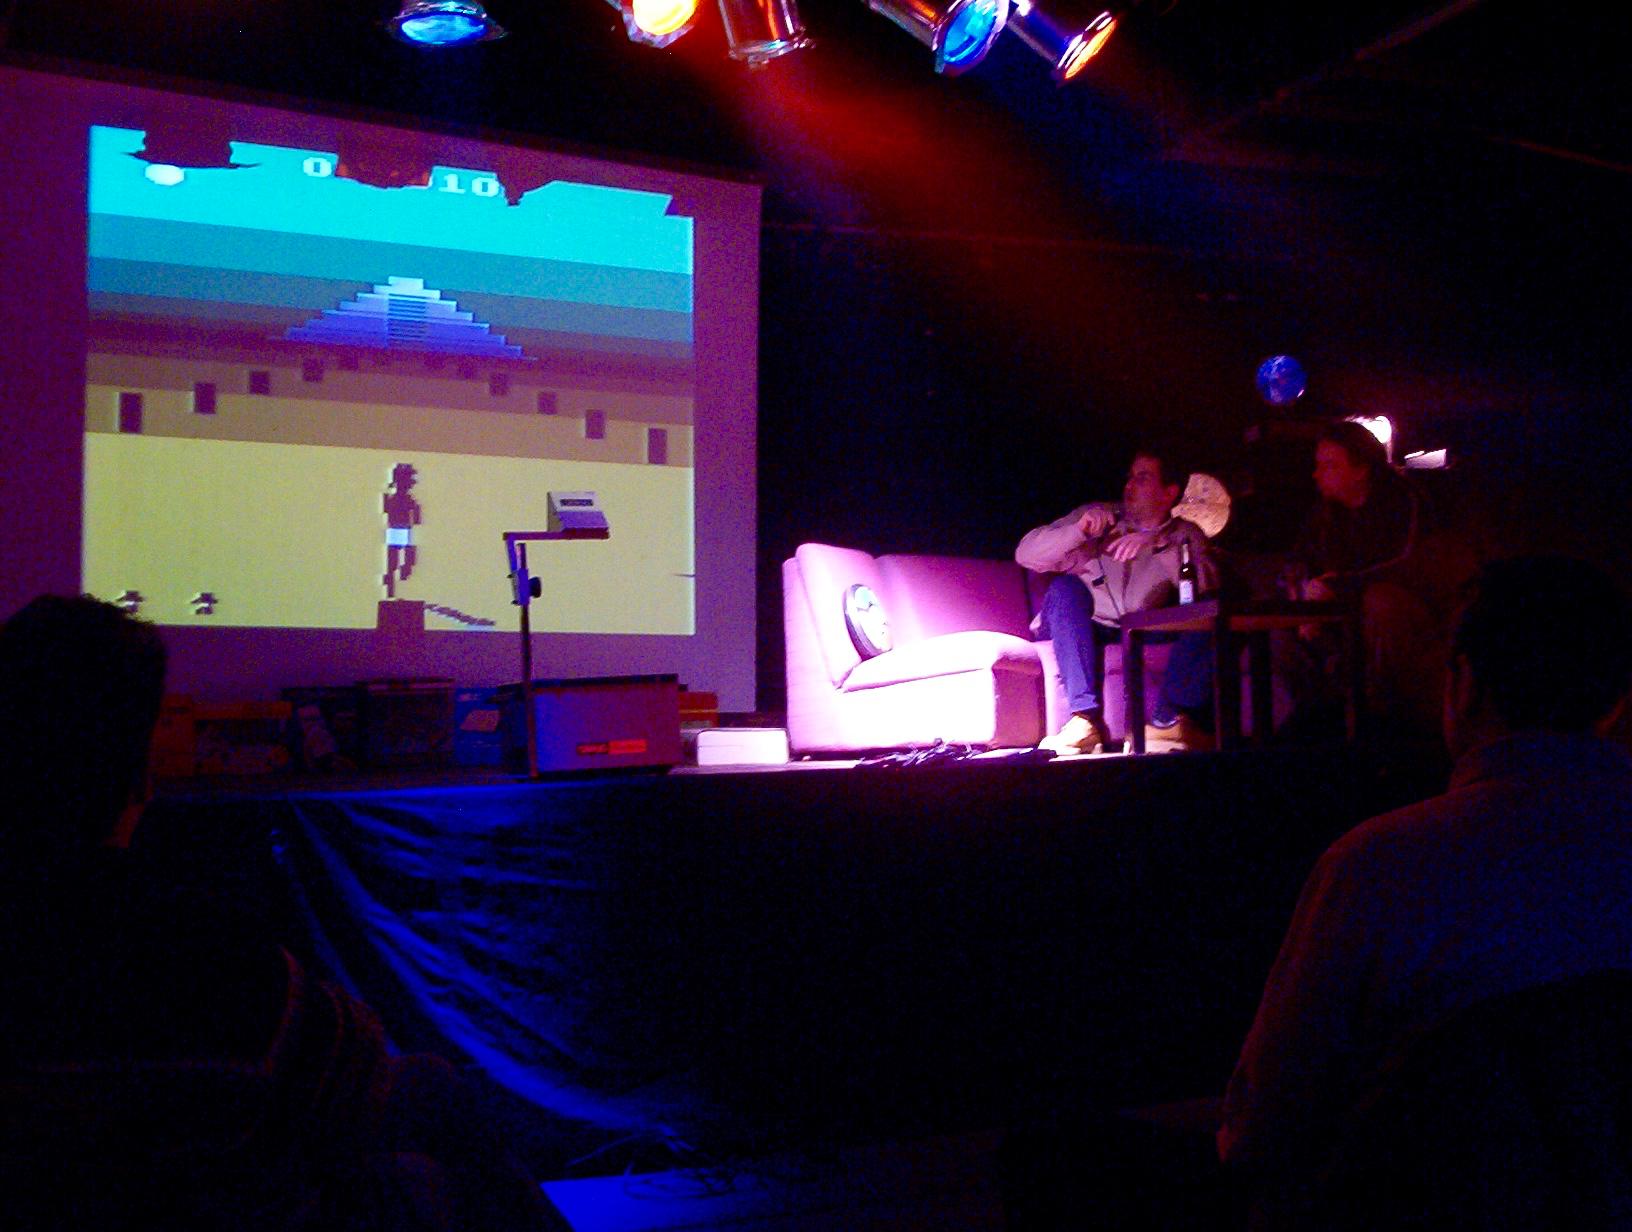 """Das Spiel """"A-VCS-tec Challenge"""" für Ataris VCS stammt ebenfalls von Simon Quernhorst. (Bild: André Eymann)"""